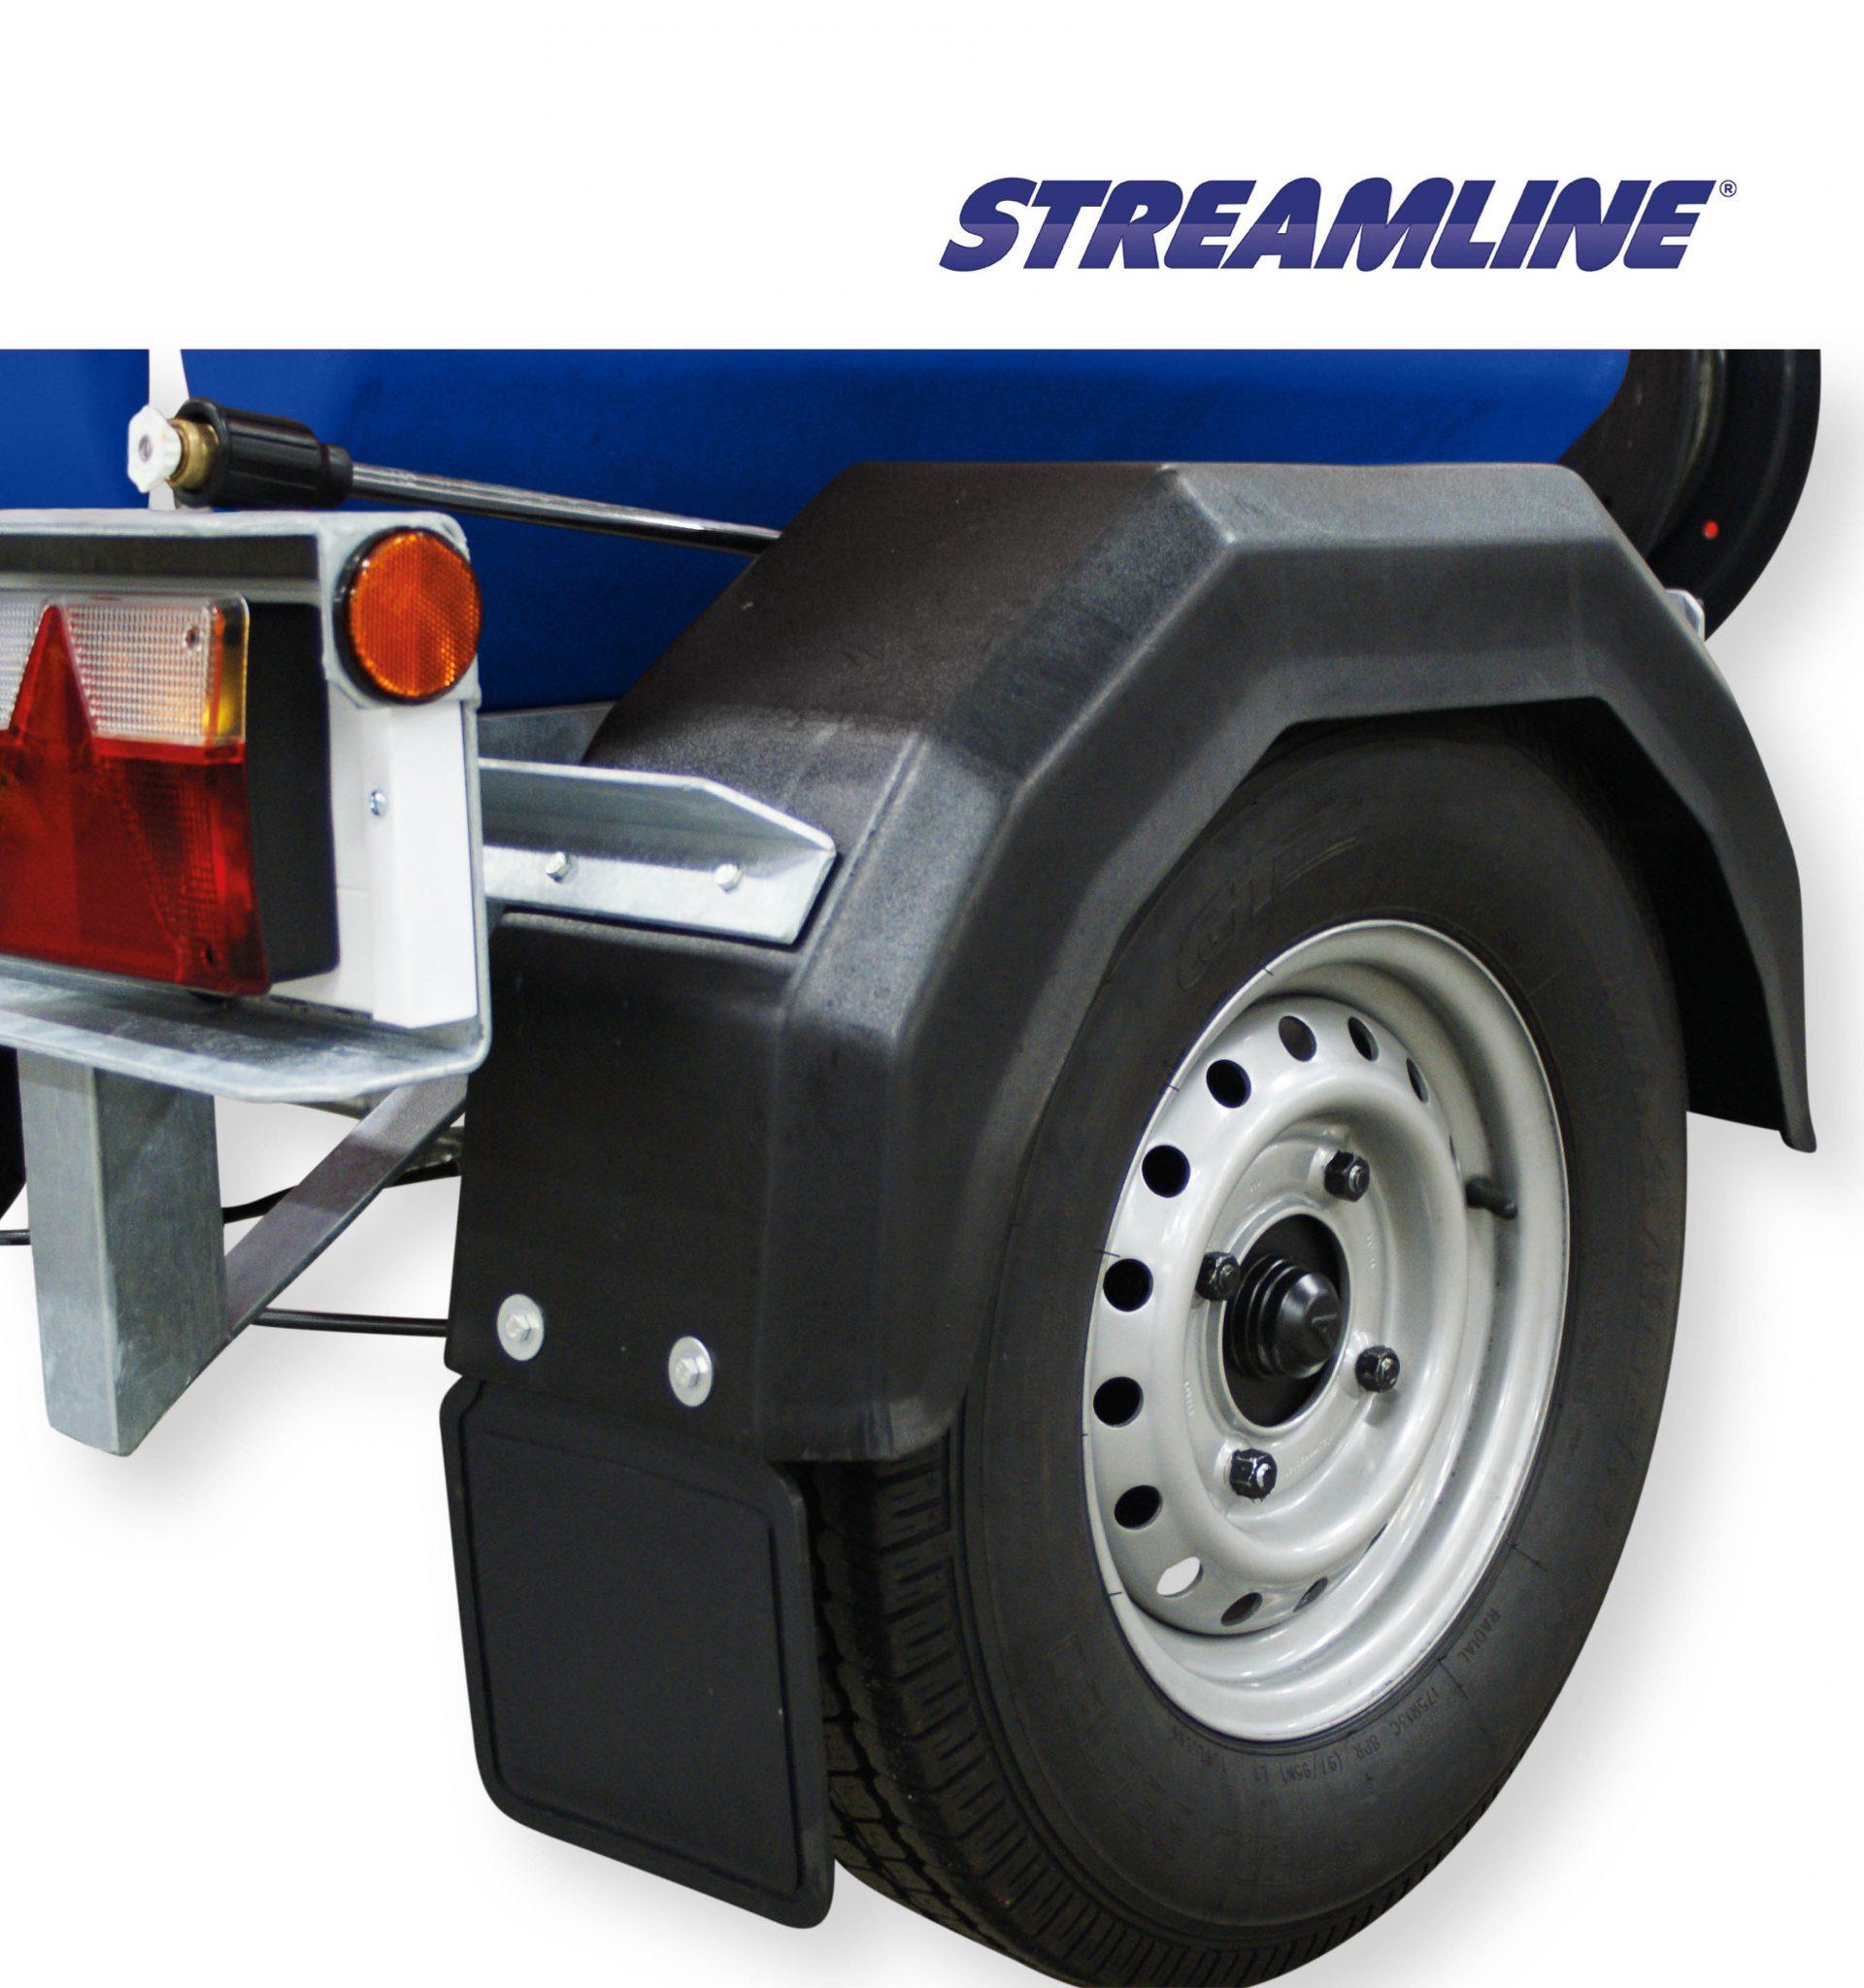 Streamline 800 Litre Bowser Pressure Washer 200 bar 16 litres per minute